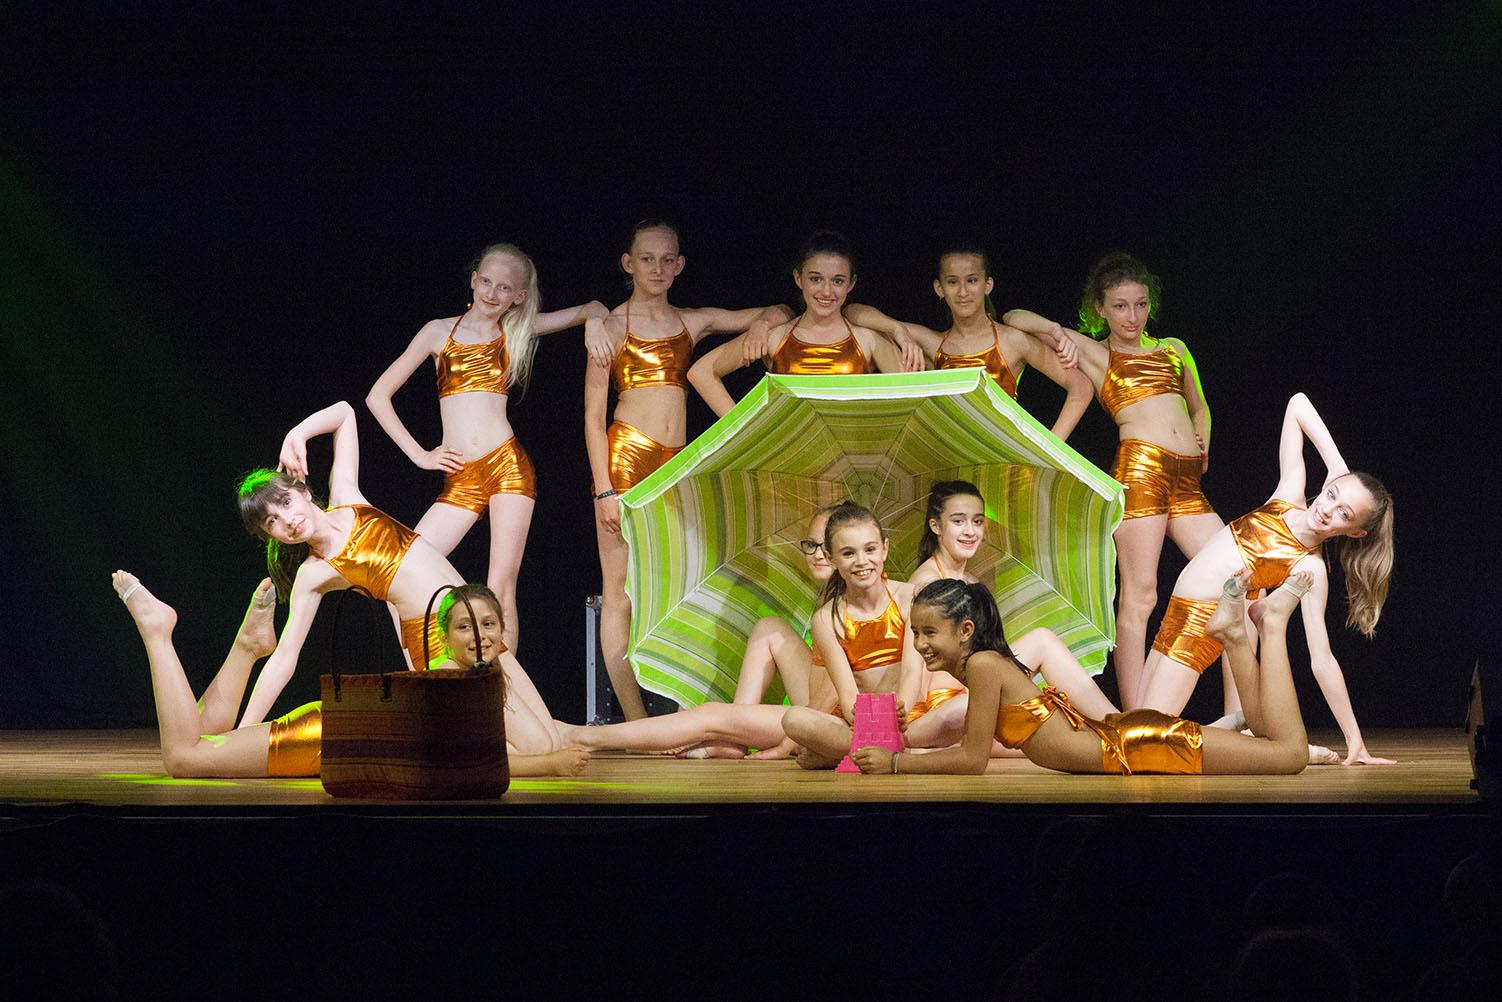 Arizona Danse moderne